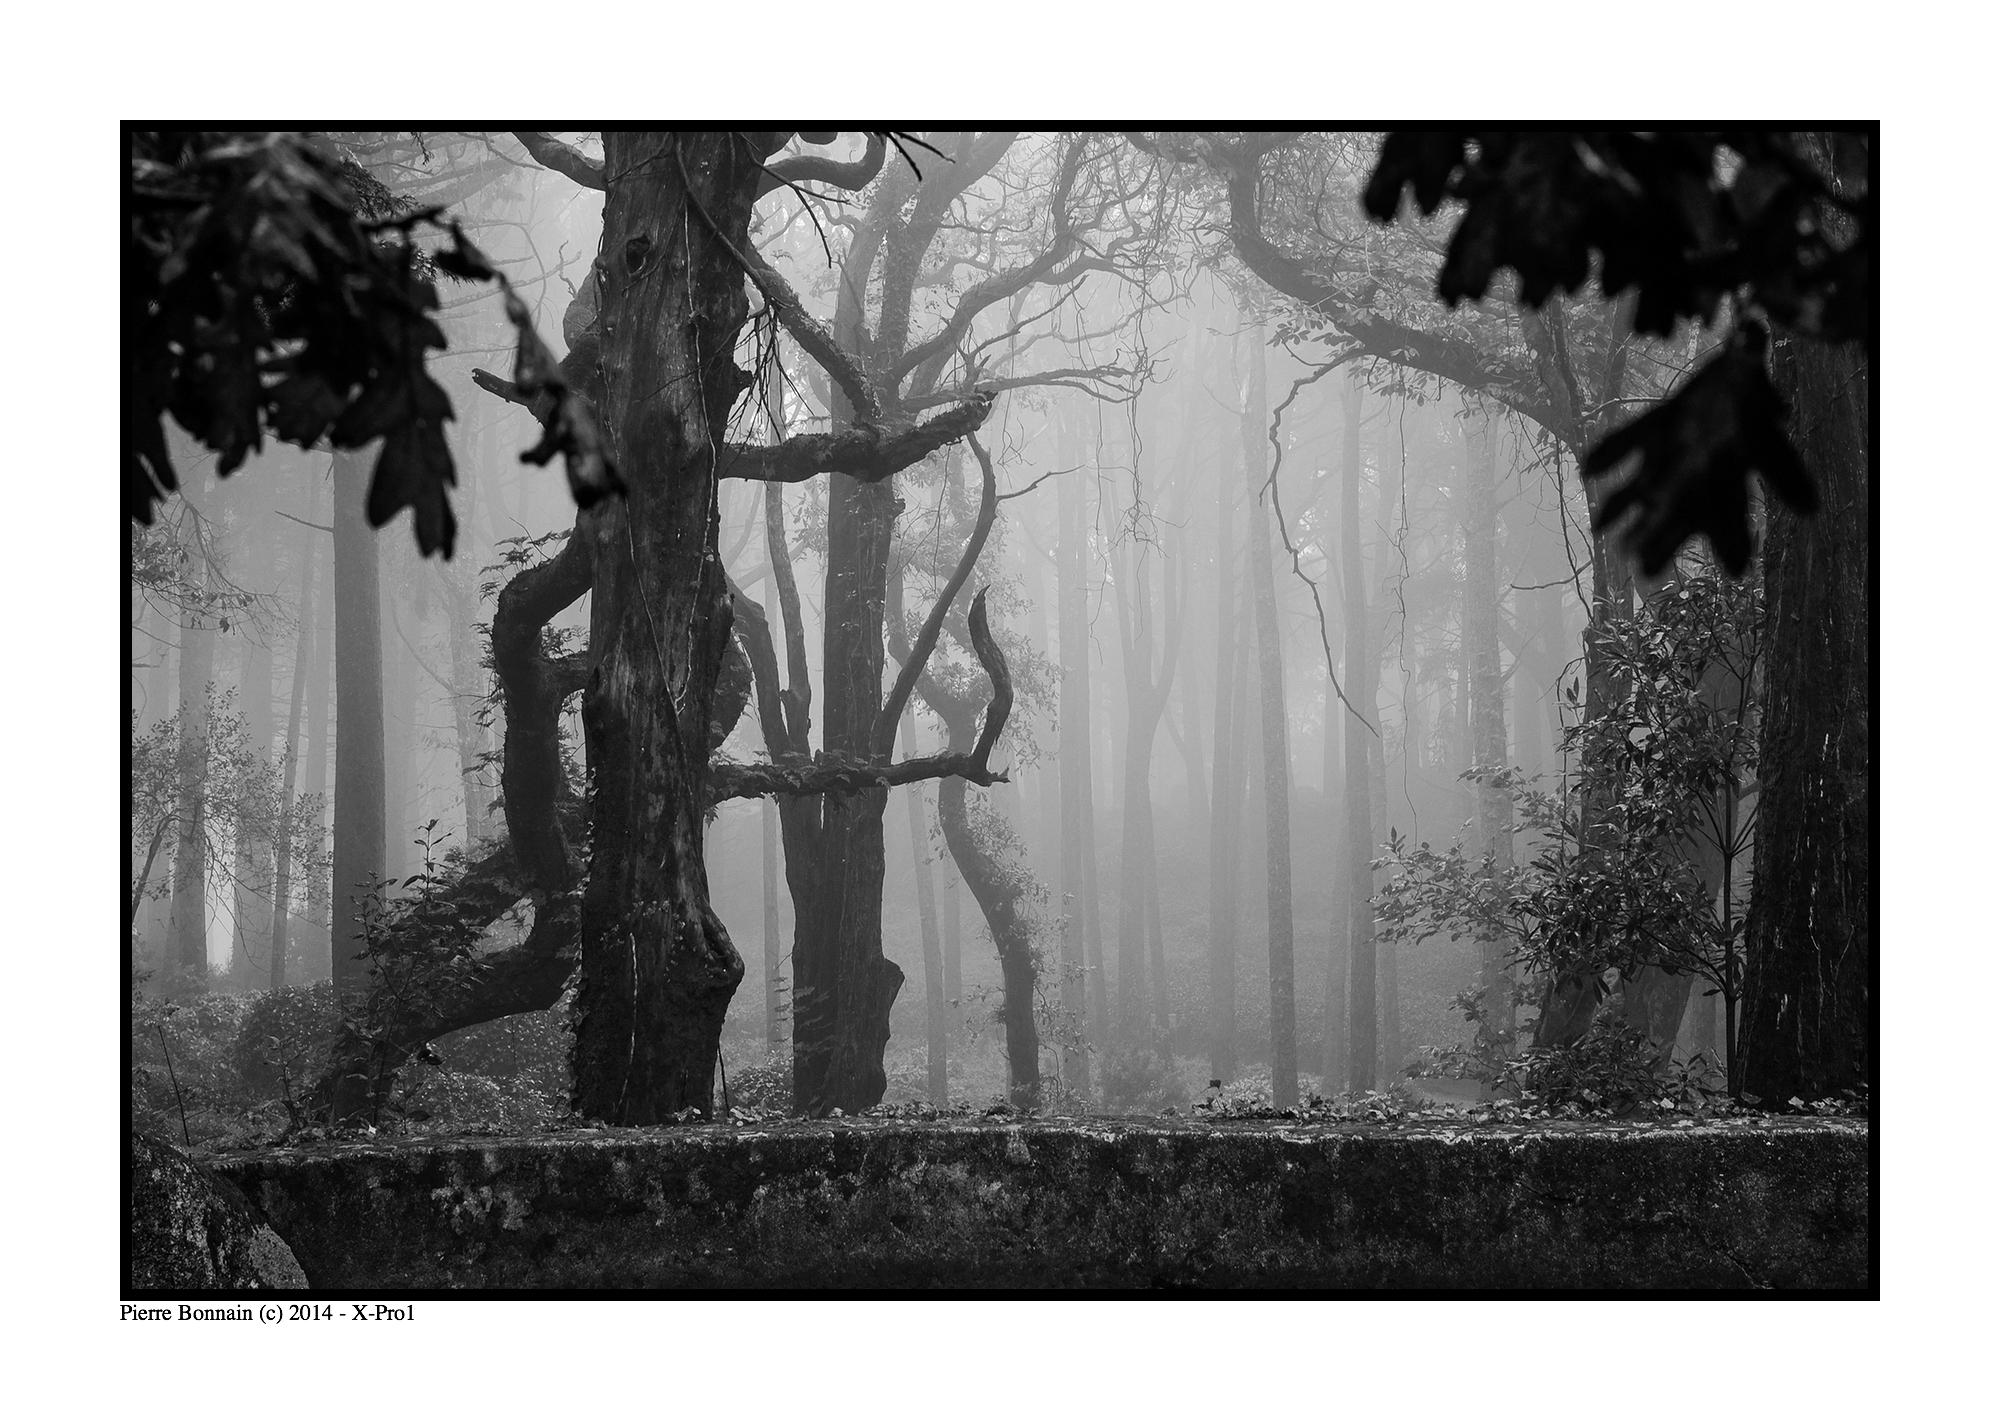 Moderne Kunst Bilder Schwarz Weiss ~ Hintergrundbilder zeichnung einfarbig verlassen text